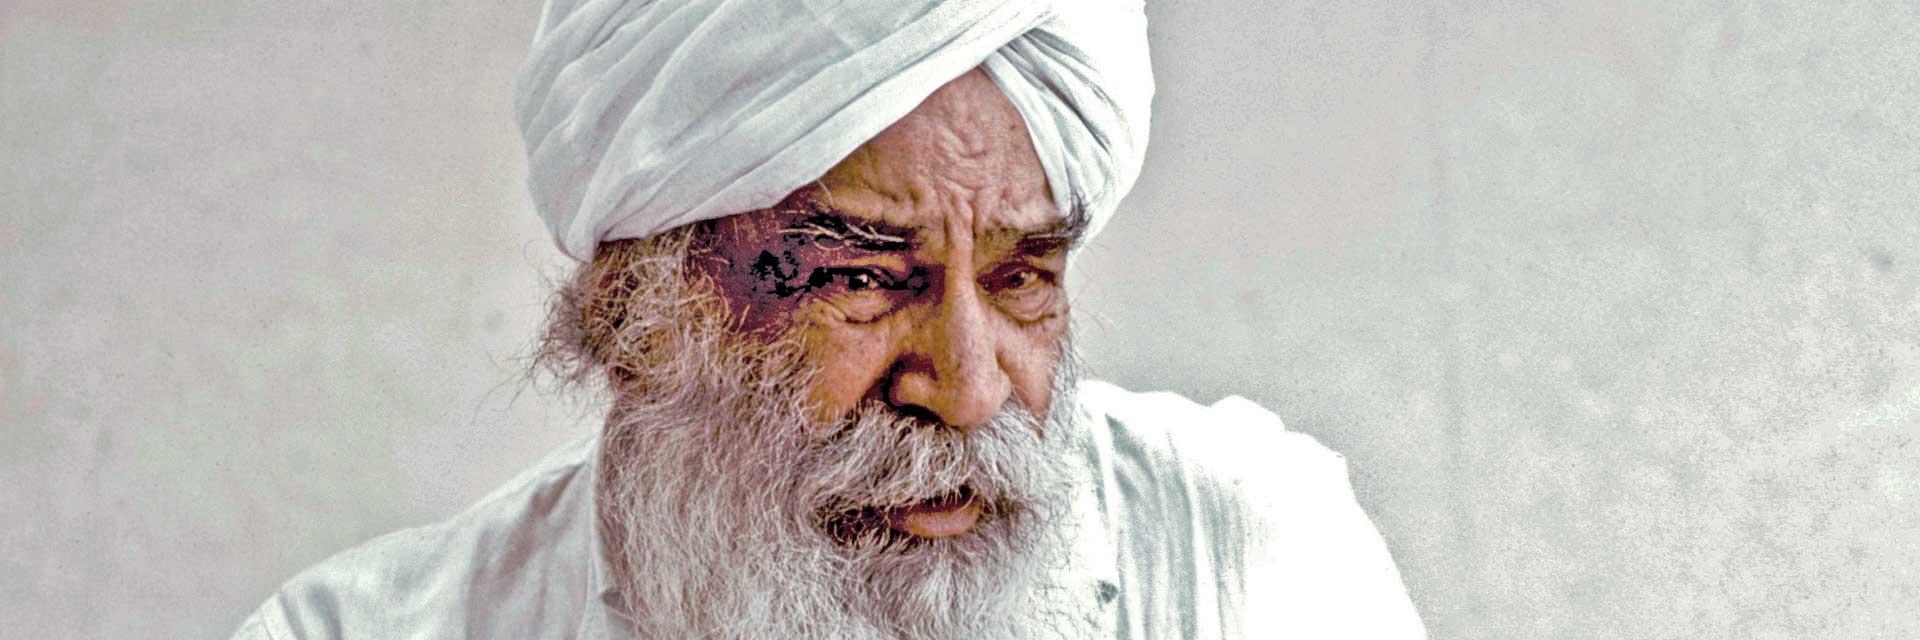 1920x640_Kirpal-Singh_09.jpg